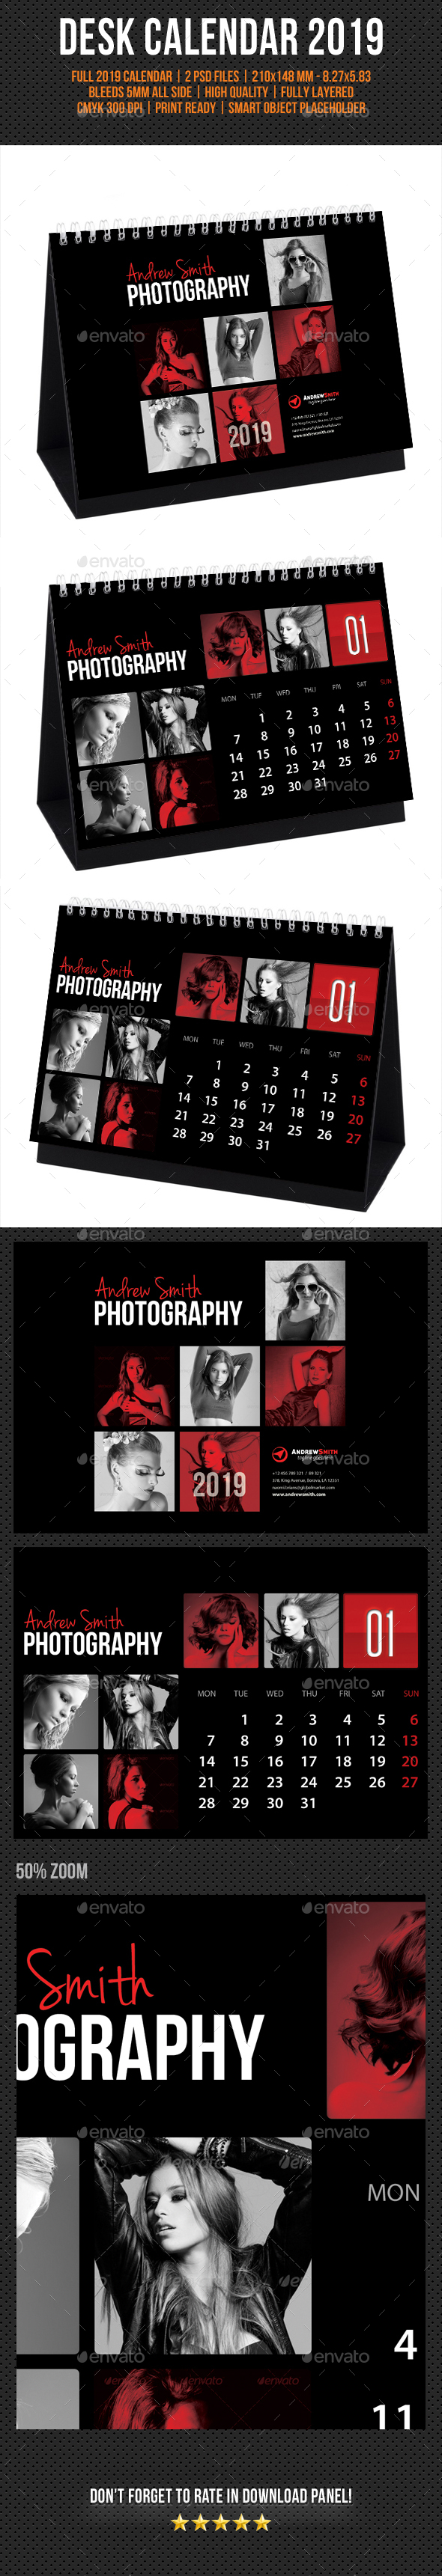 Creative Desk Calendar 2019 V15 - Calendars Stationery